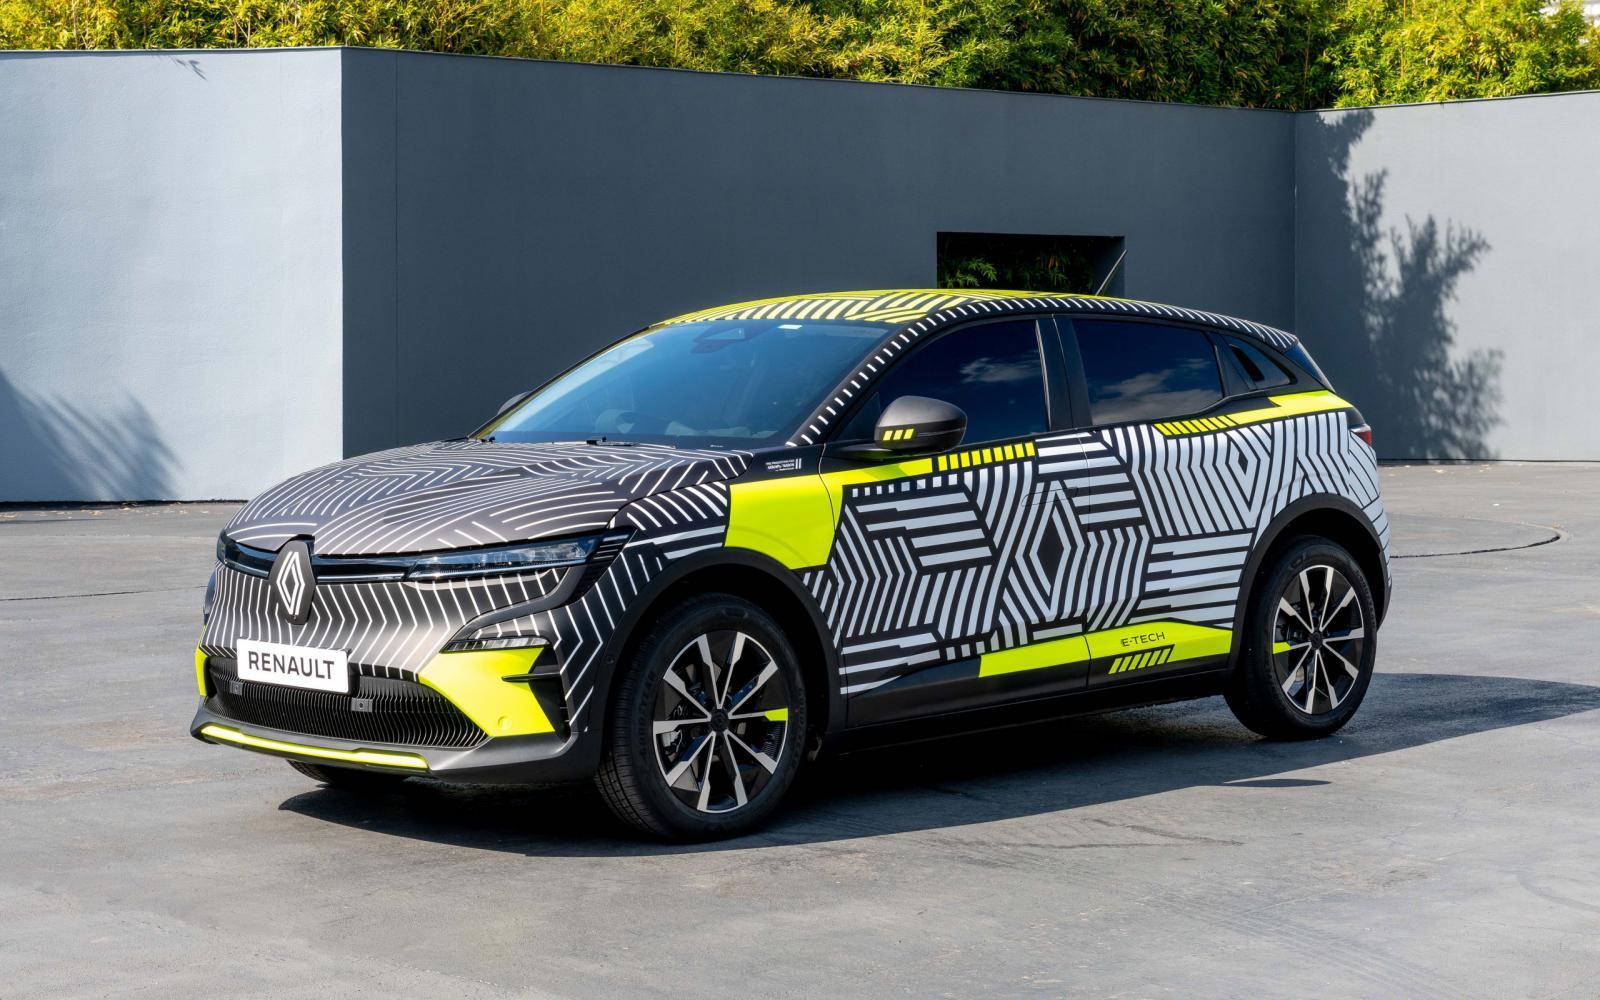 Elektrische Renault Mégane E-Tech Electric gaat Volkswagen ID.3 te lijf